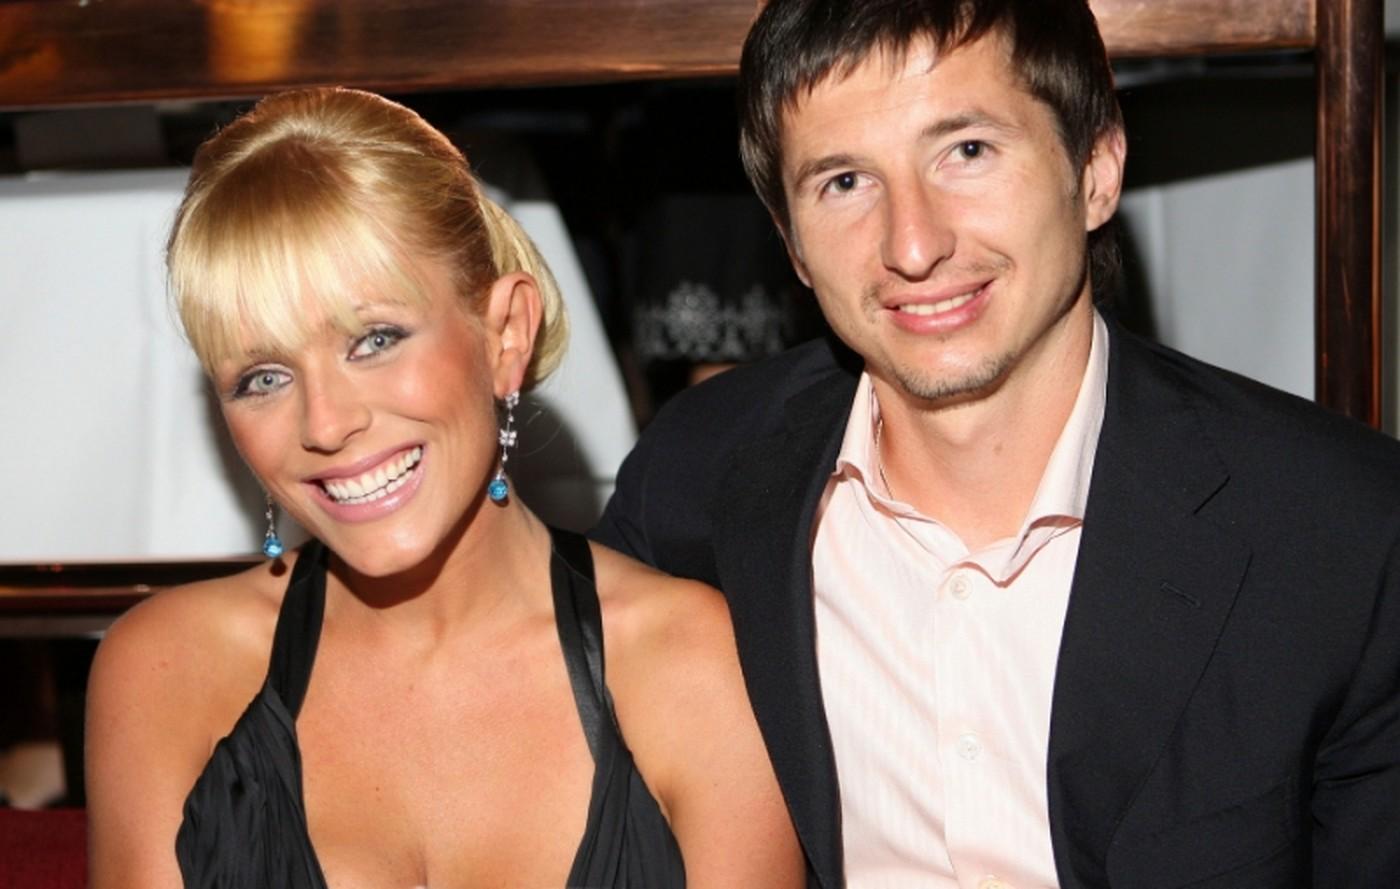 Бывший муж Юлии Началовой вернул украденные со счетов 21,5 миллиона рублей